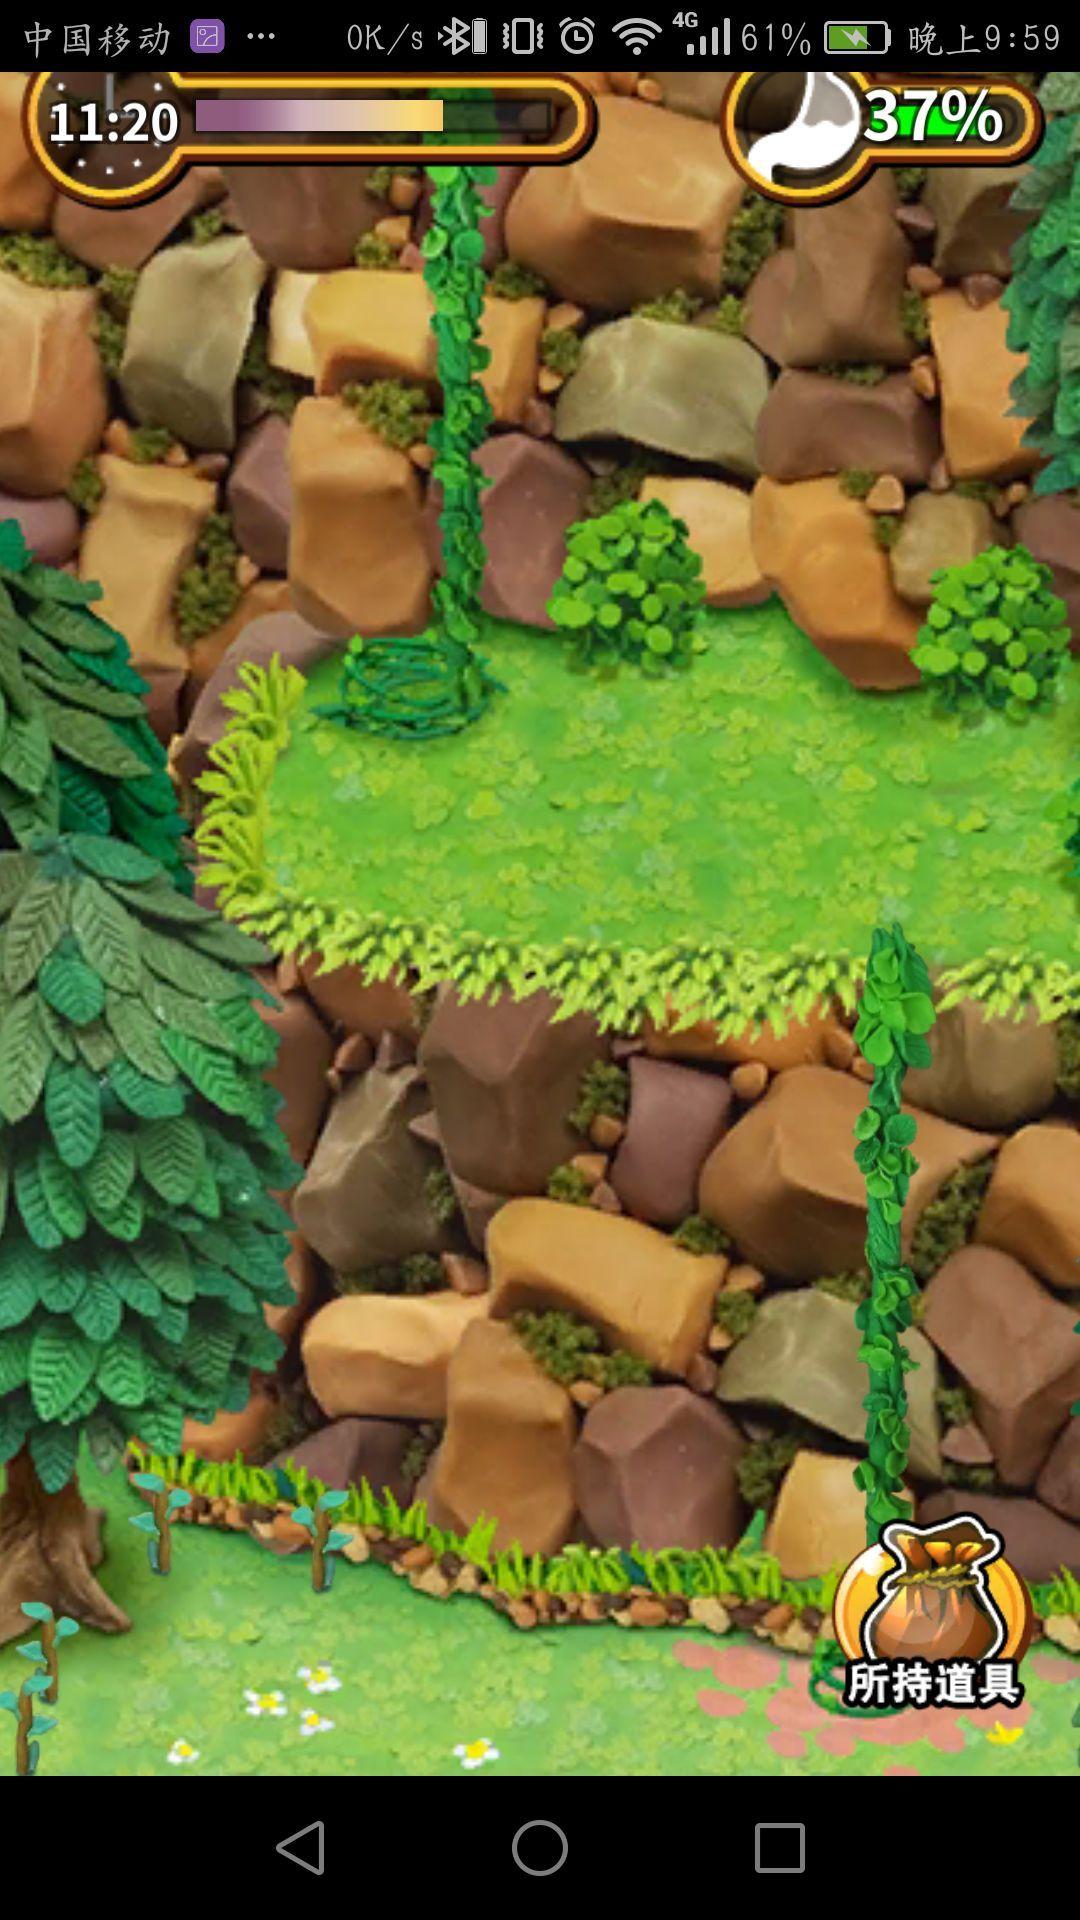 粘土无人岛评测:海岛生存解密冒险游戏[多图]图片2